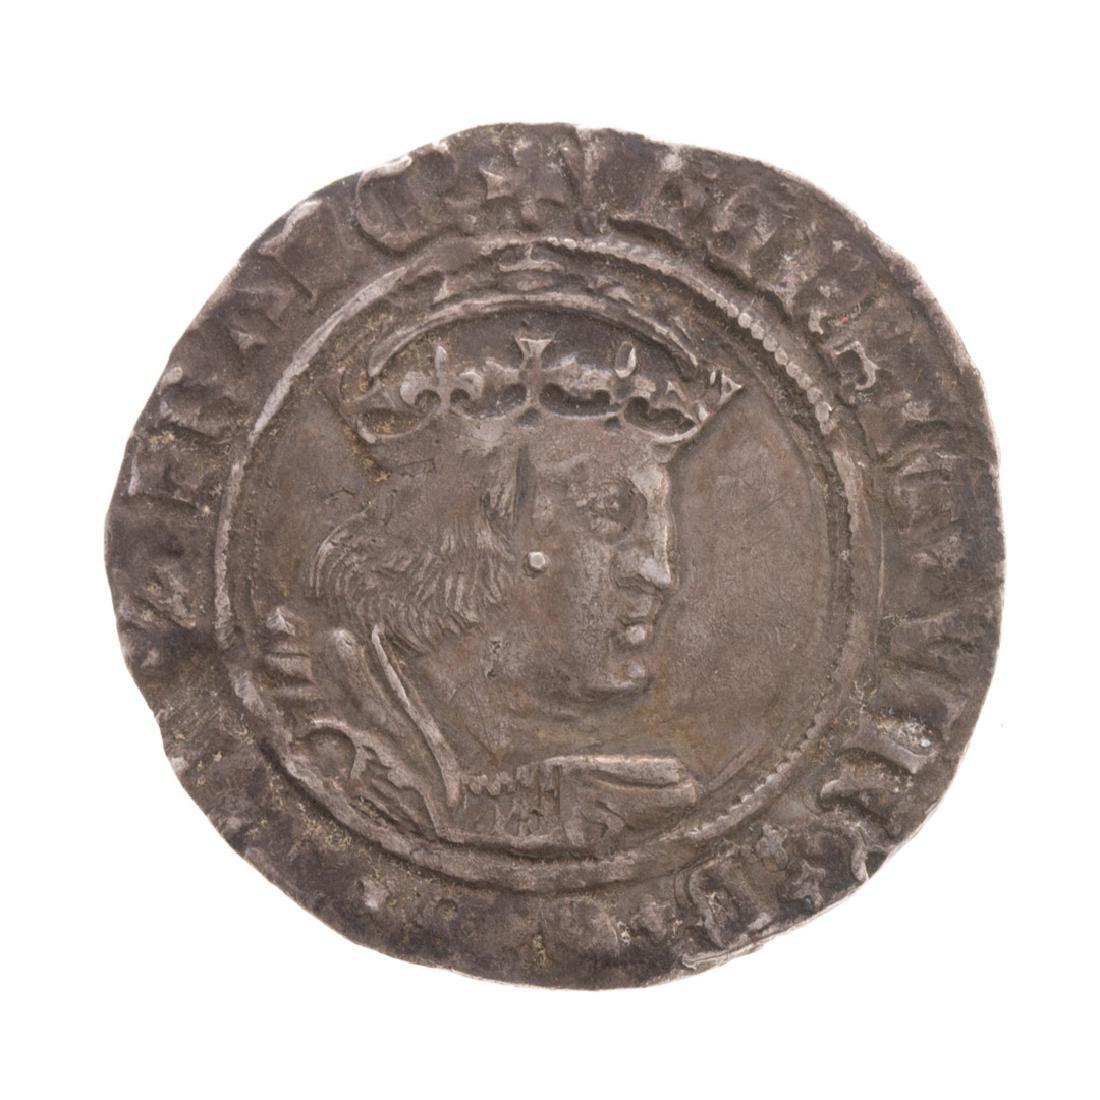 [World] Henry VIII Silver Groat (1529 - 1532)